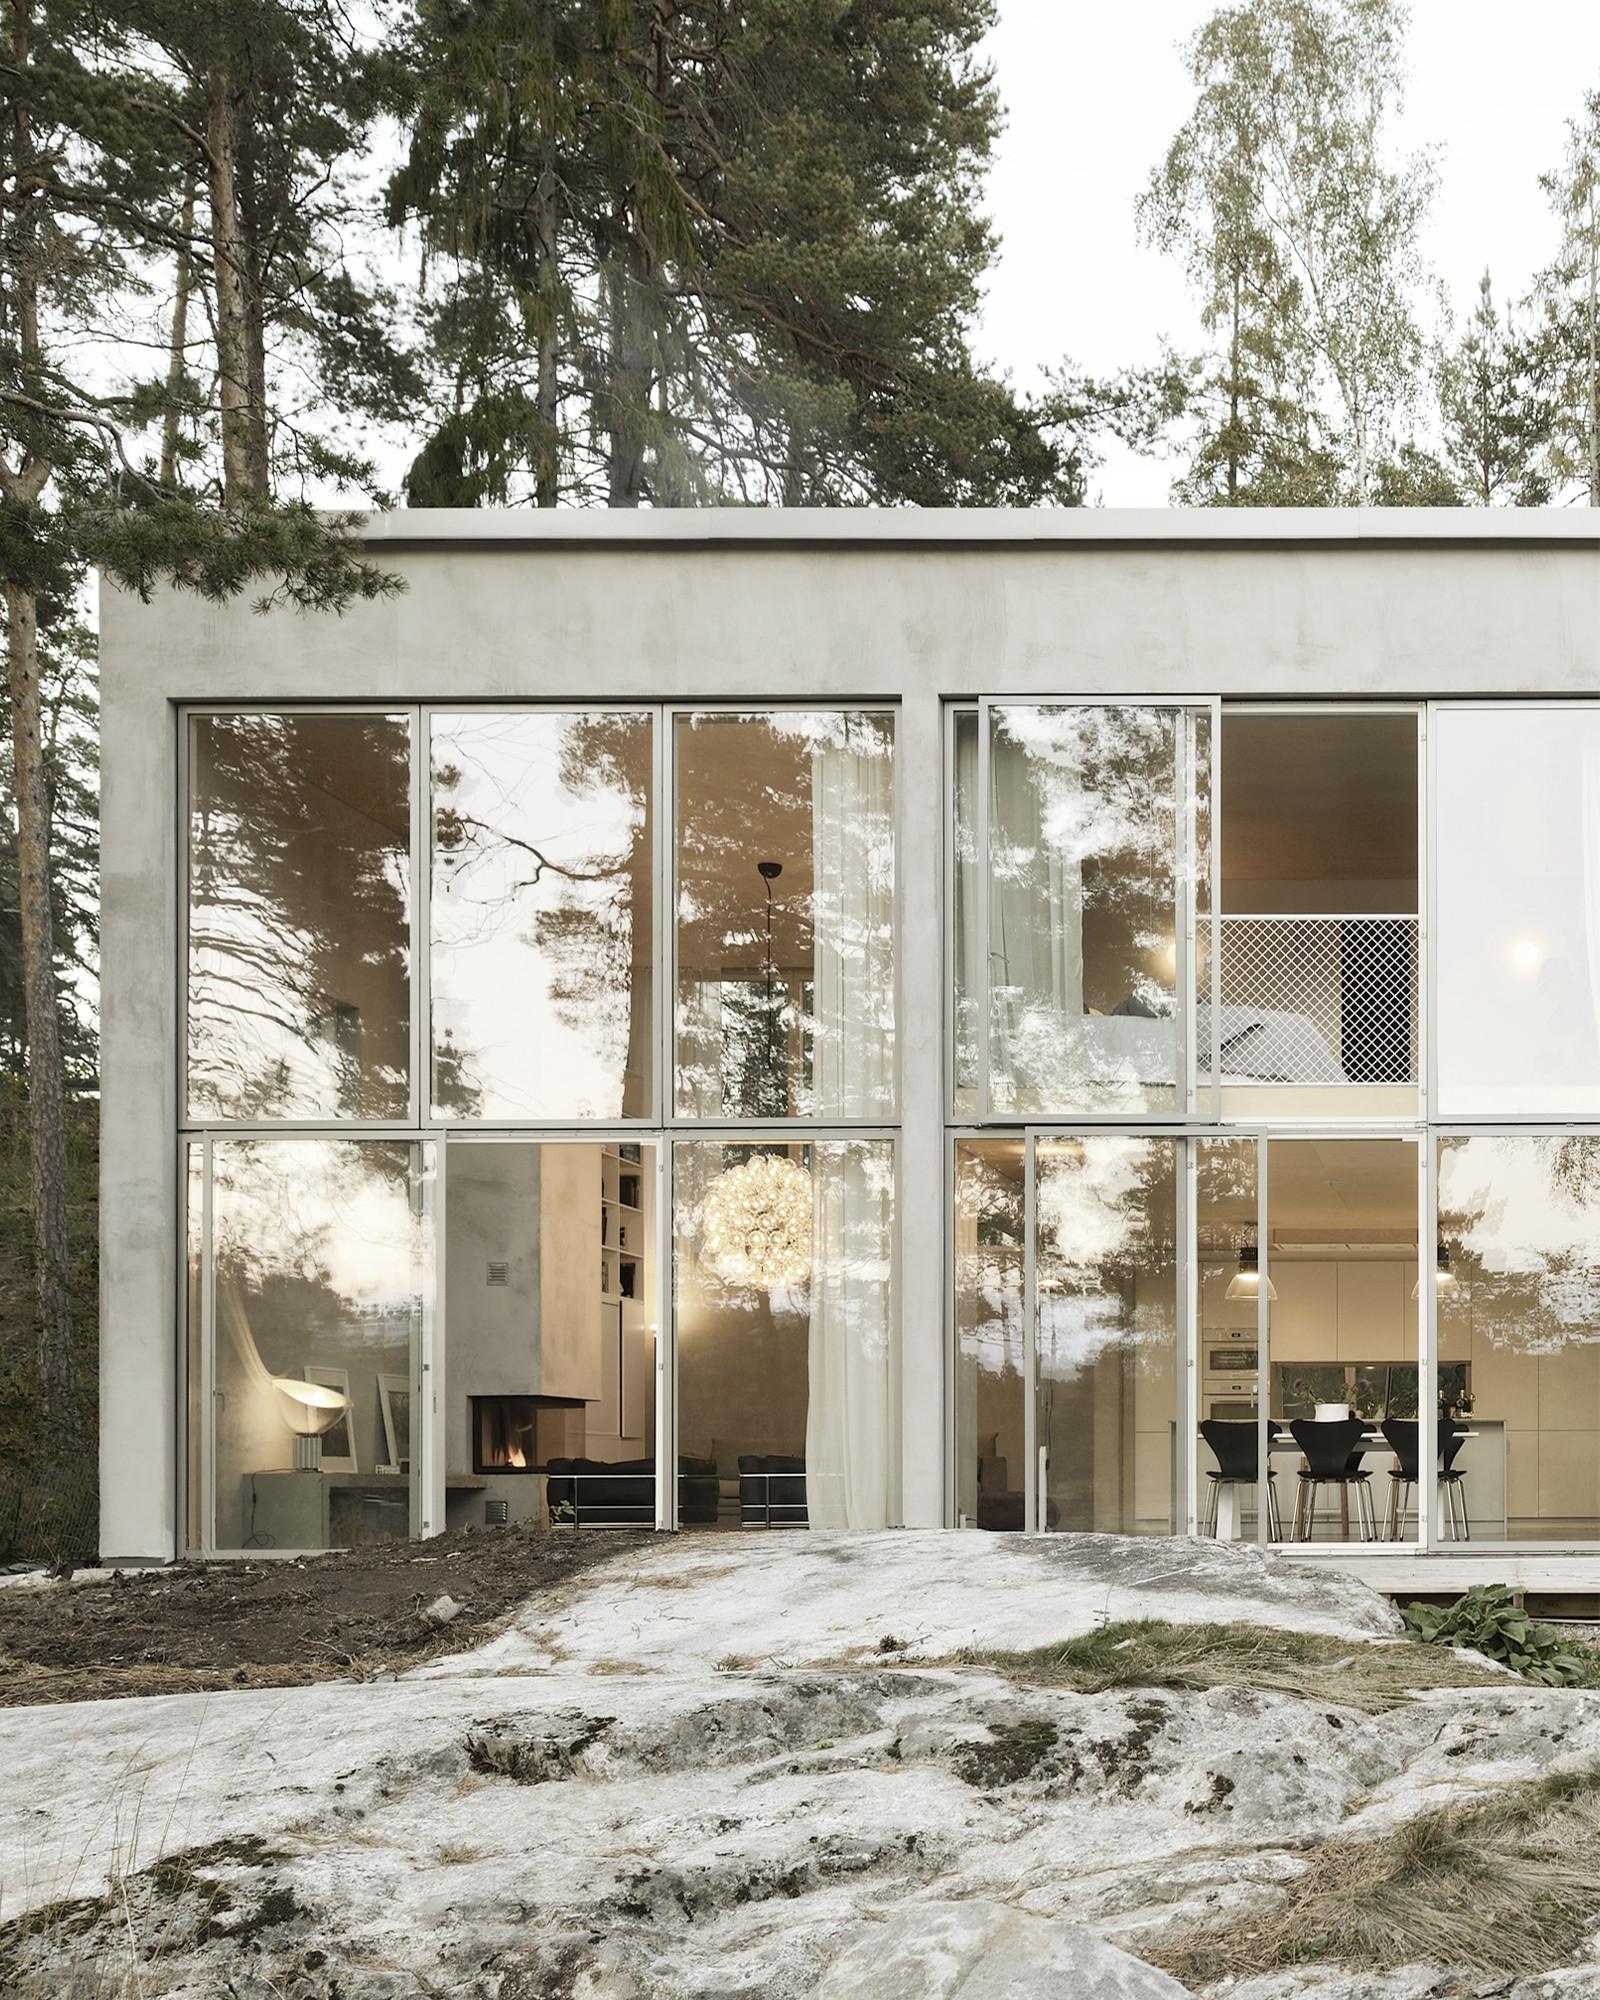 Casa seis paredes arrhov frick arkitektkontor for Casa rural mansion terraplen seis